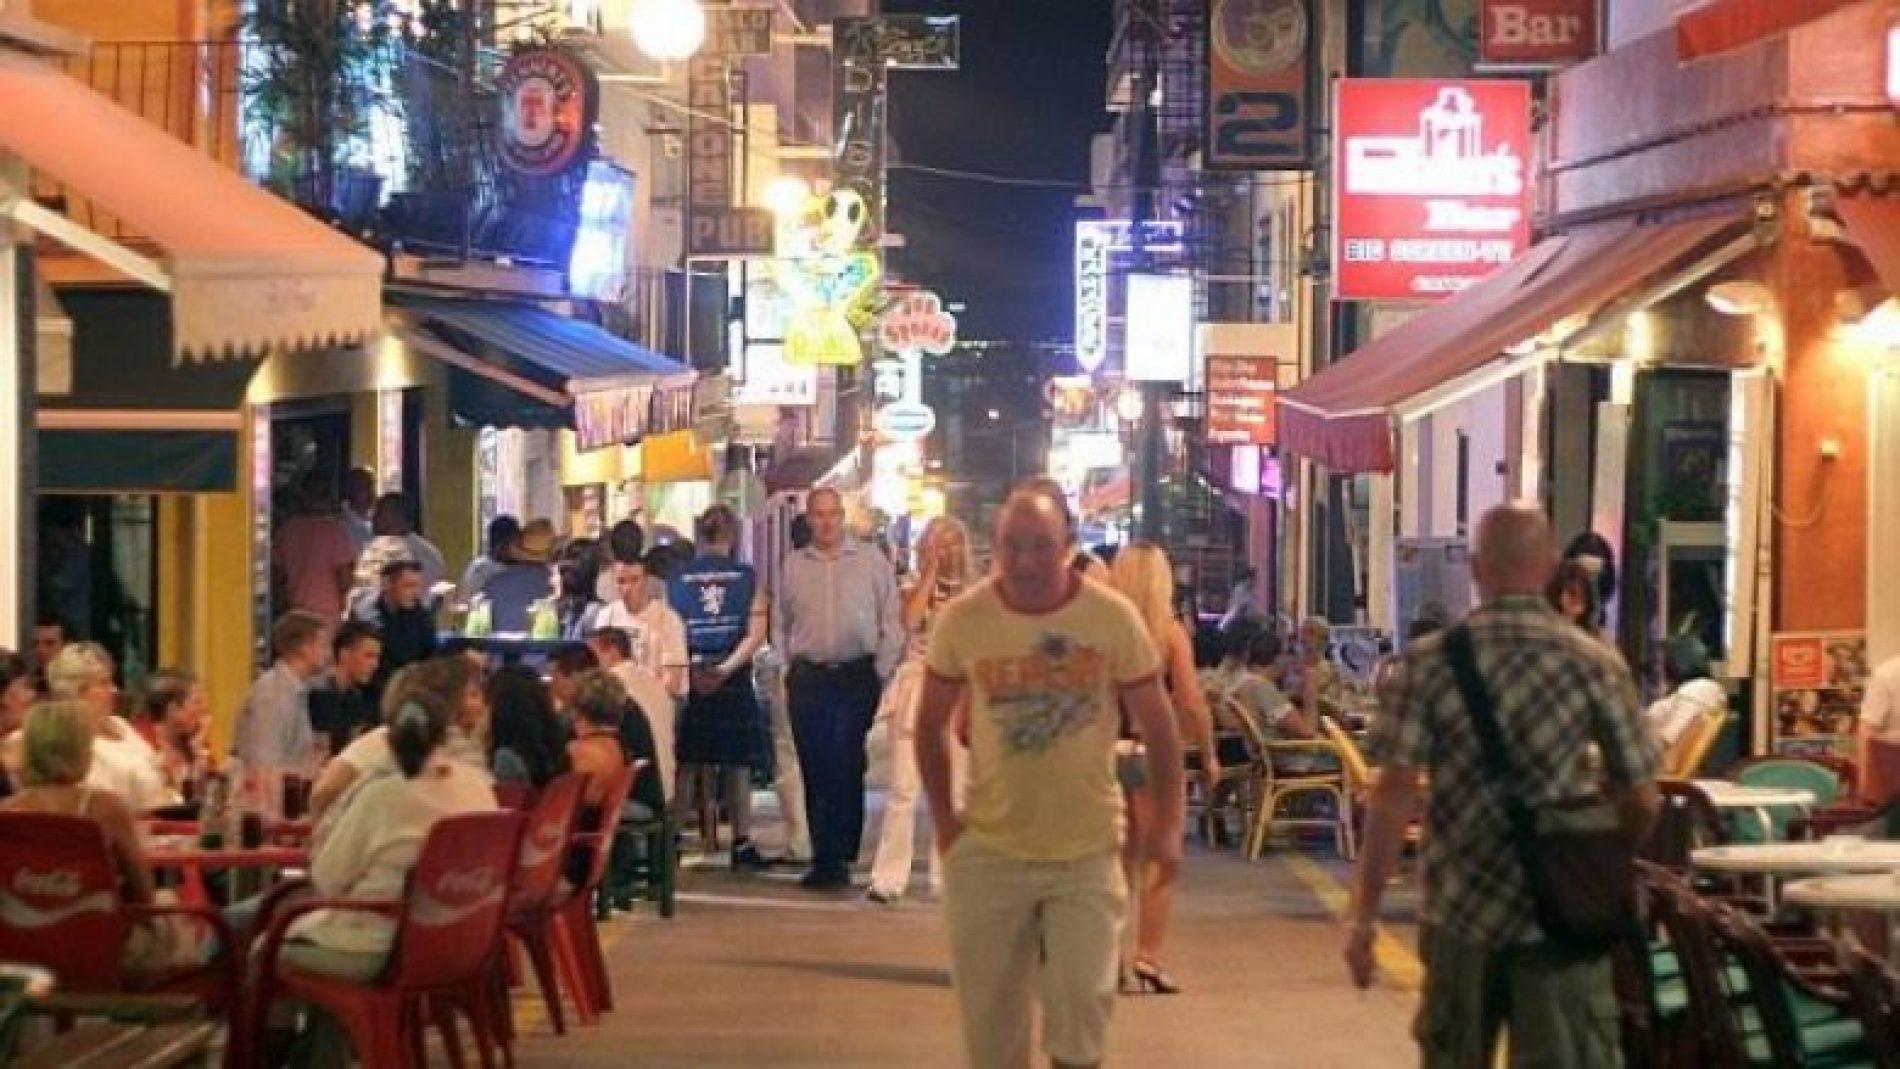 Në këtë ishull turistik është e ndaluar të pihet në rrugë, qoftë edhe një shishe me ujë